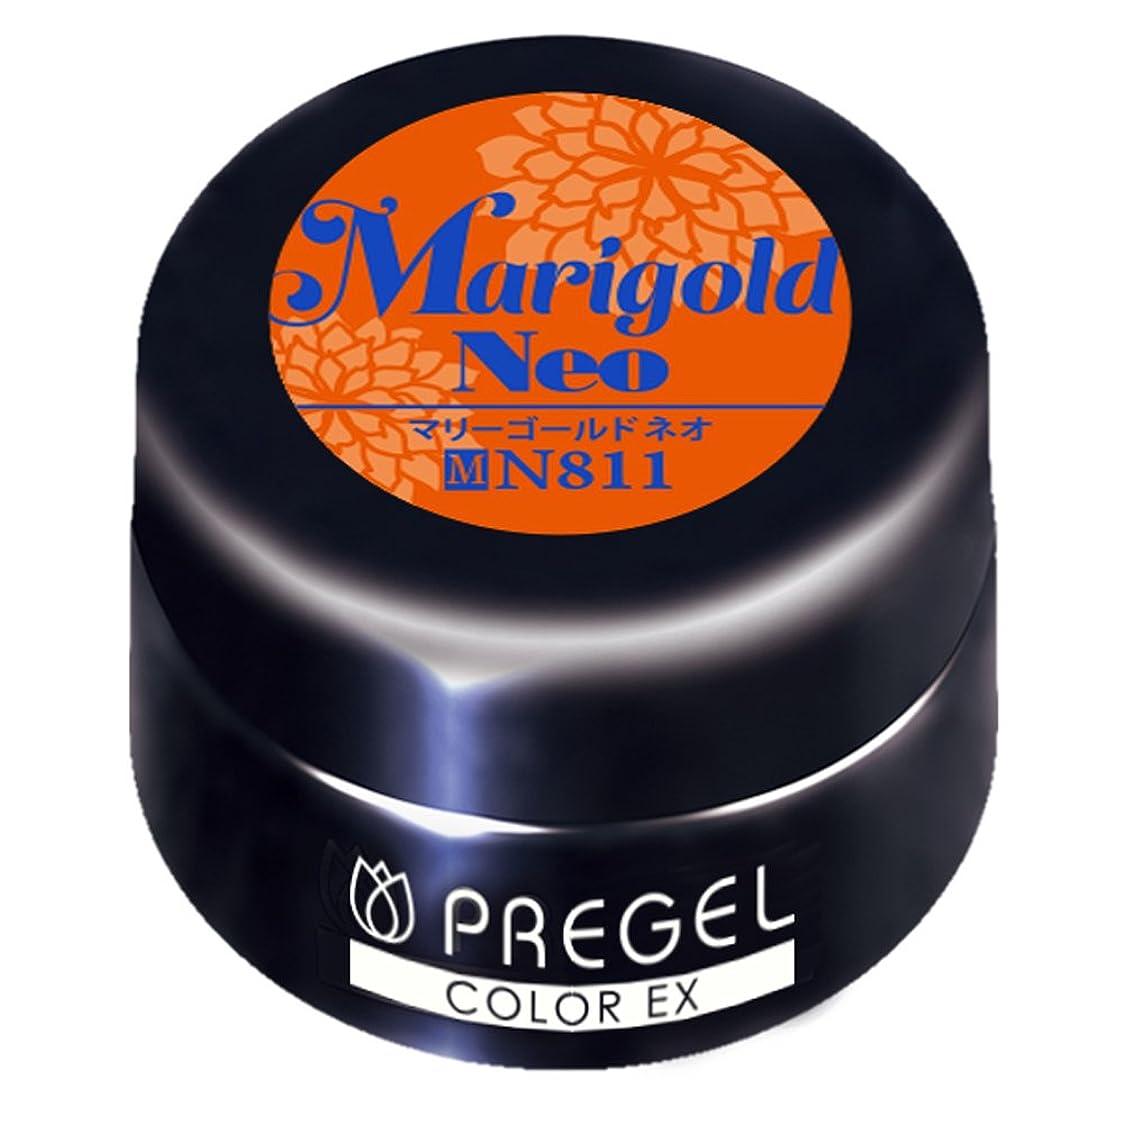 突進展望台プライバシーPRE GEL カラーEX マリーゴールドneo 811 3g UV/LED対応